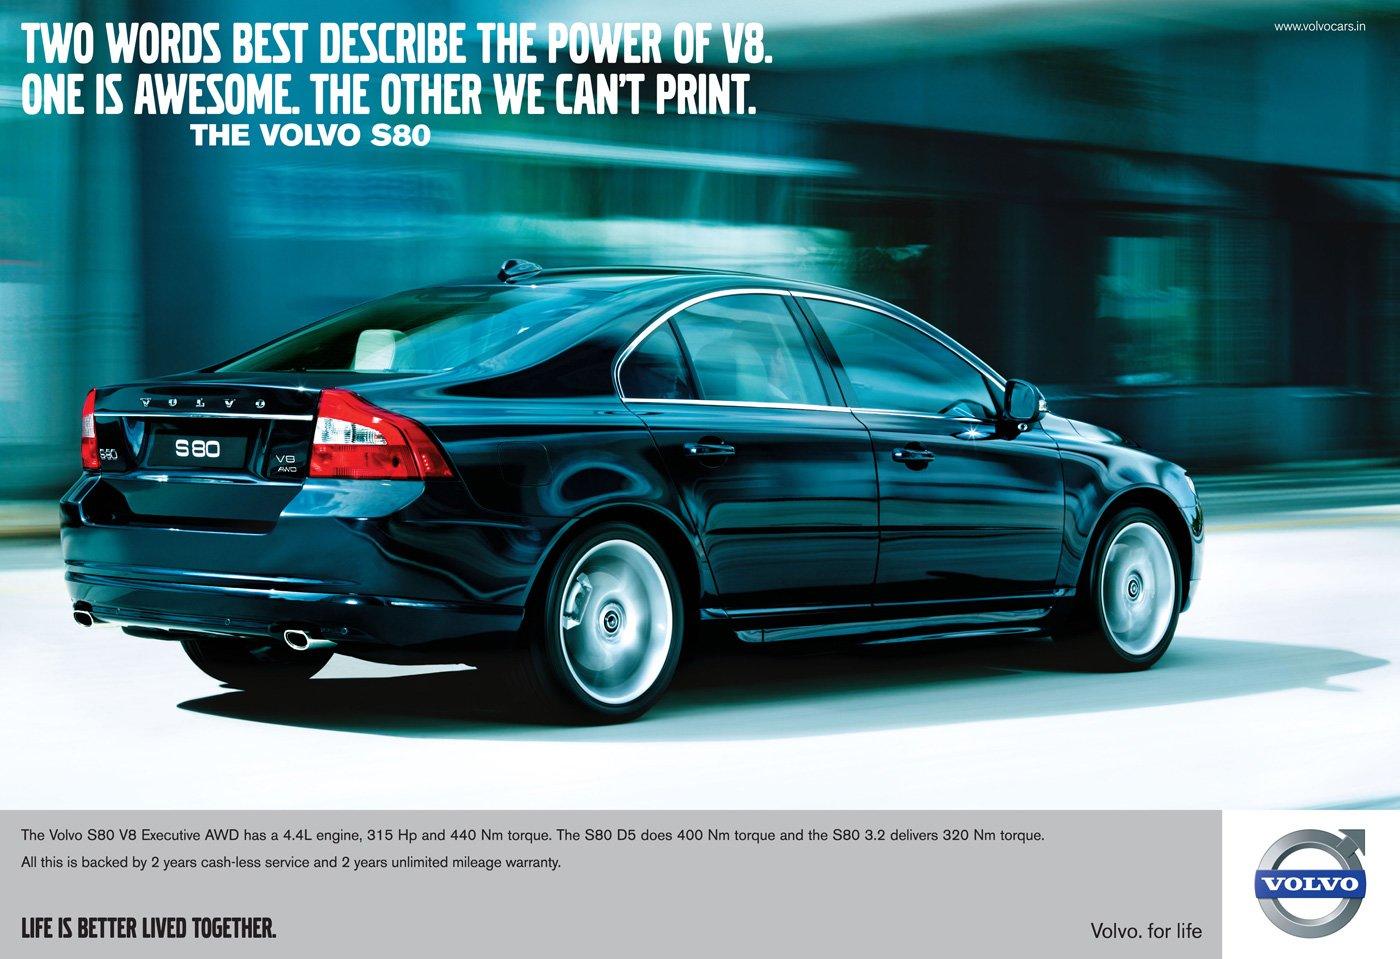 创意无限:一组汽车广告设计(4)